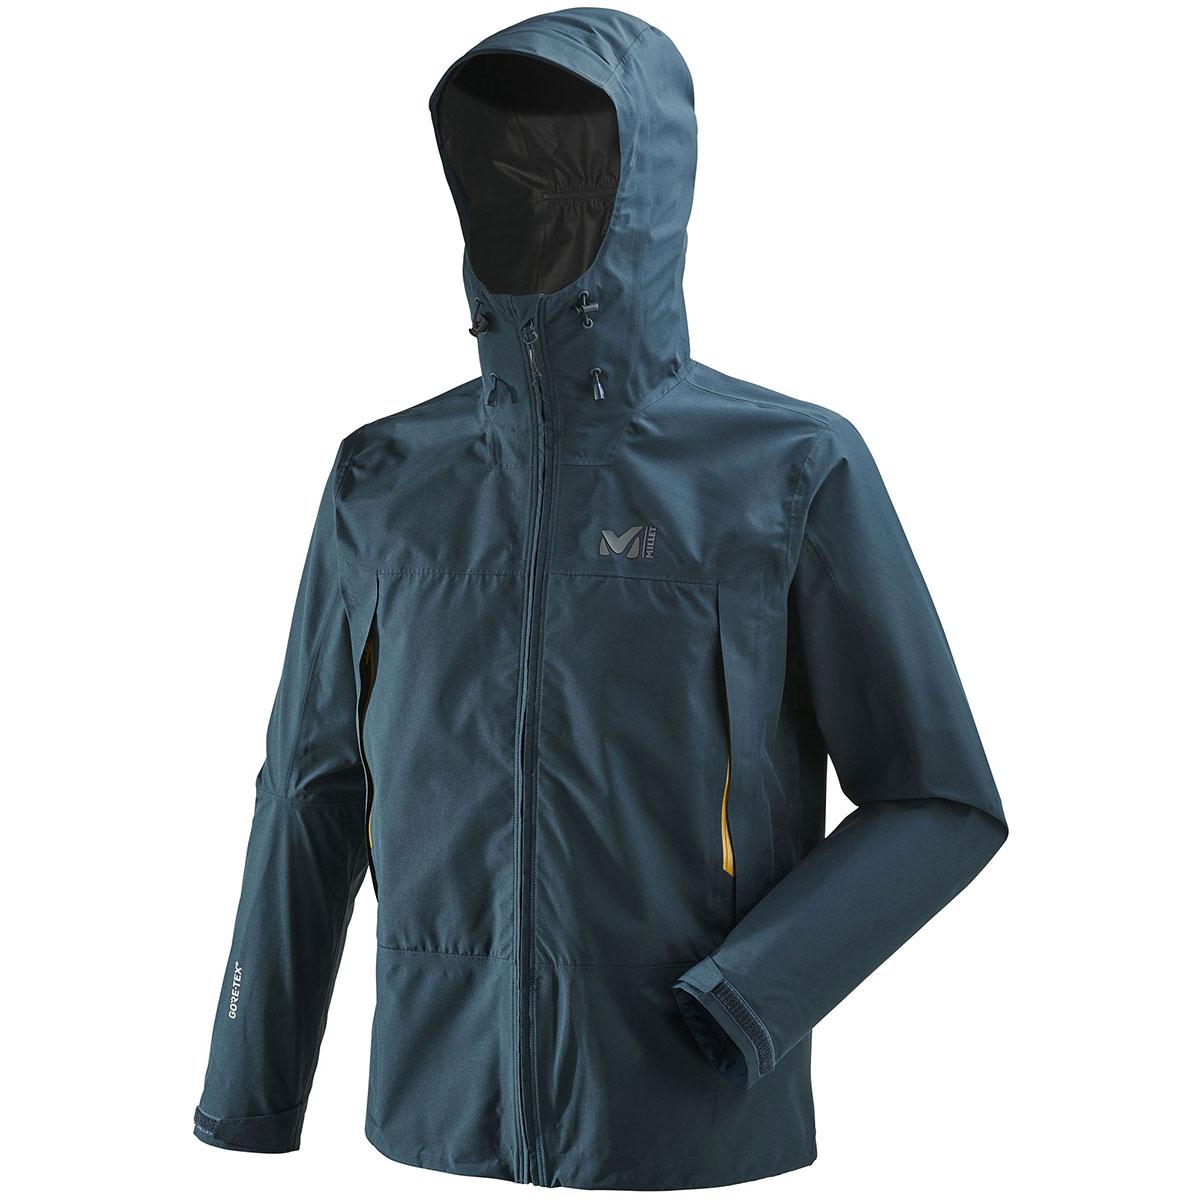 Giacca in Gore-Tex Millet Grays Peak GTX JKT, ideale per il trekking e camminare in montagna. Leggero e comprimibile, estremamente traspirante